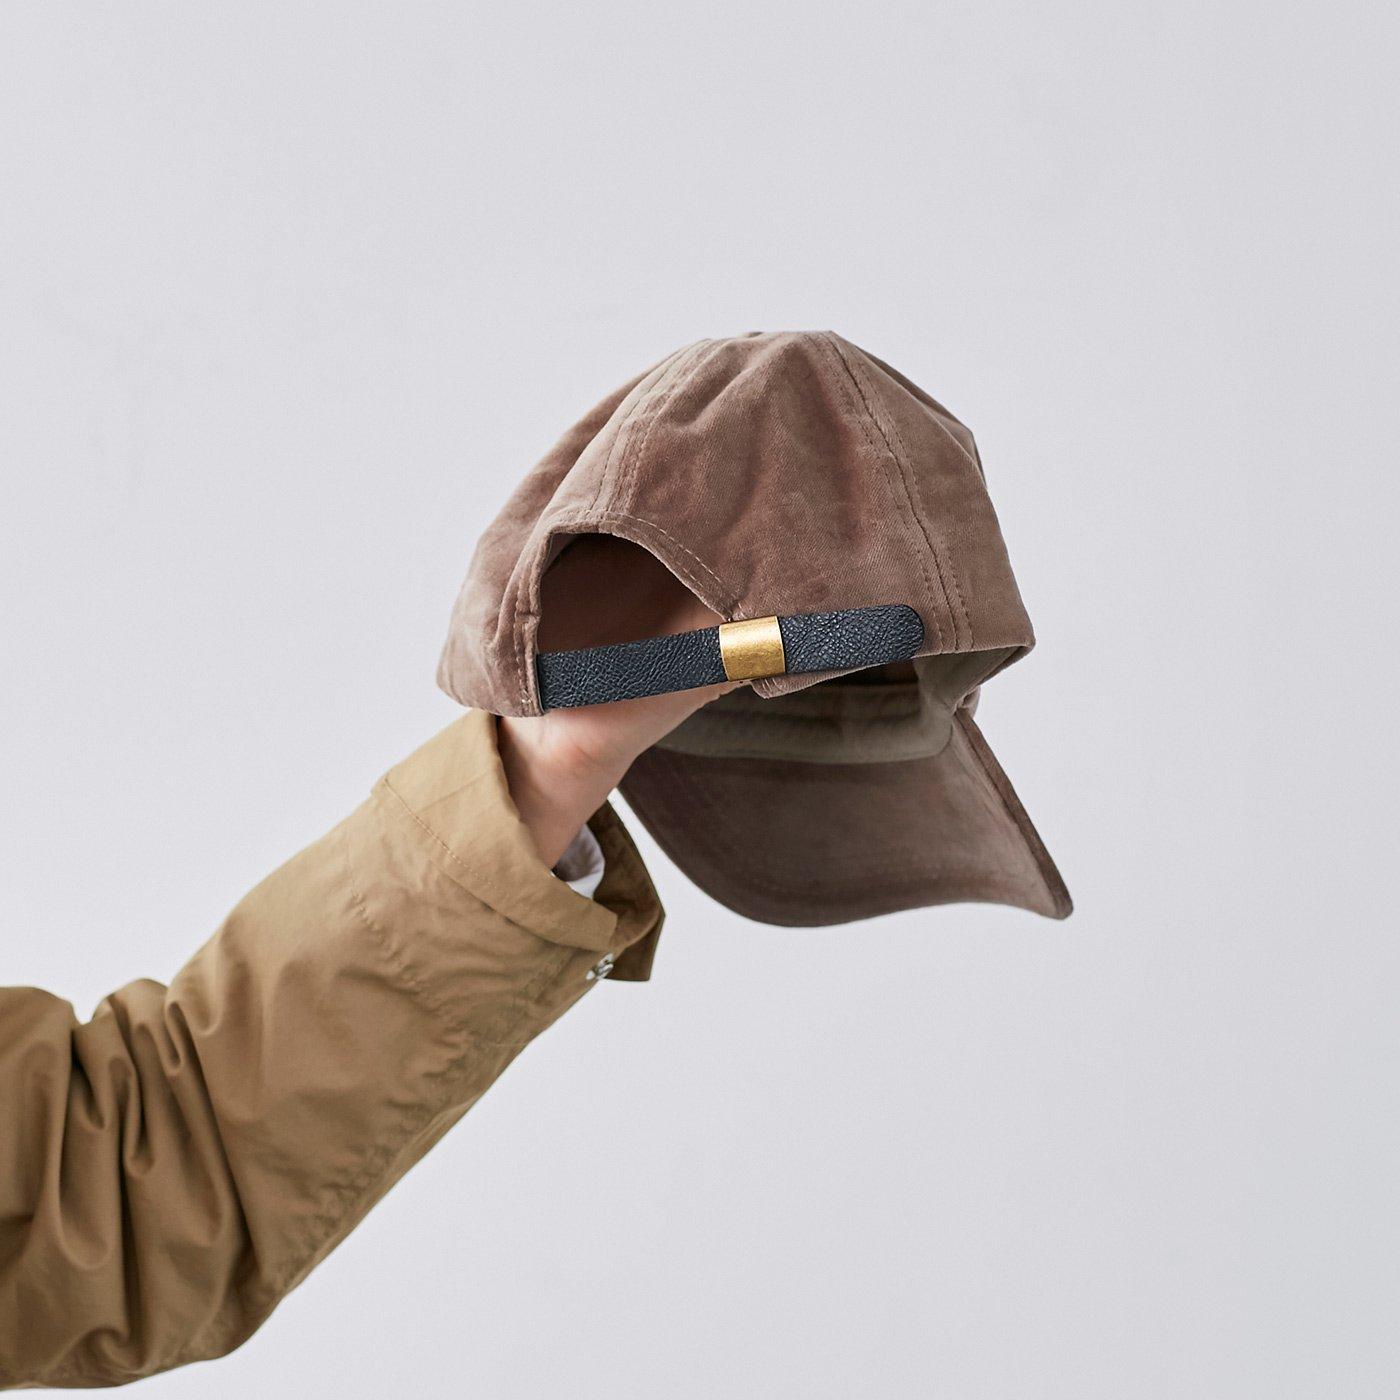 IEDIT[イディット] SELECT サイズ調節機能付き 旬の別珍キャップ〈モカベージュ〉